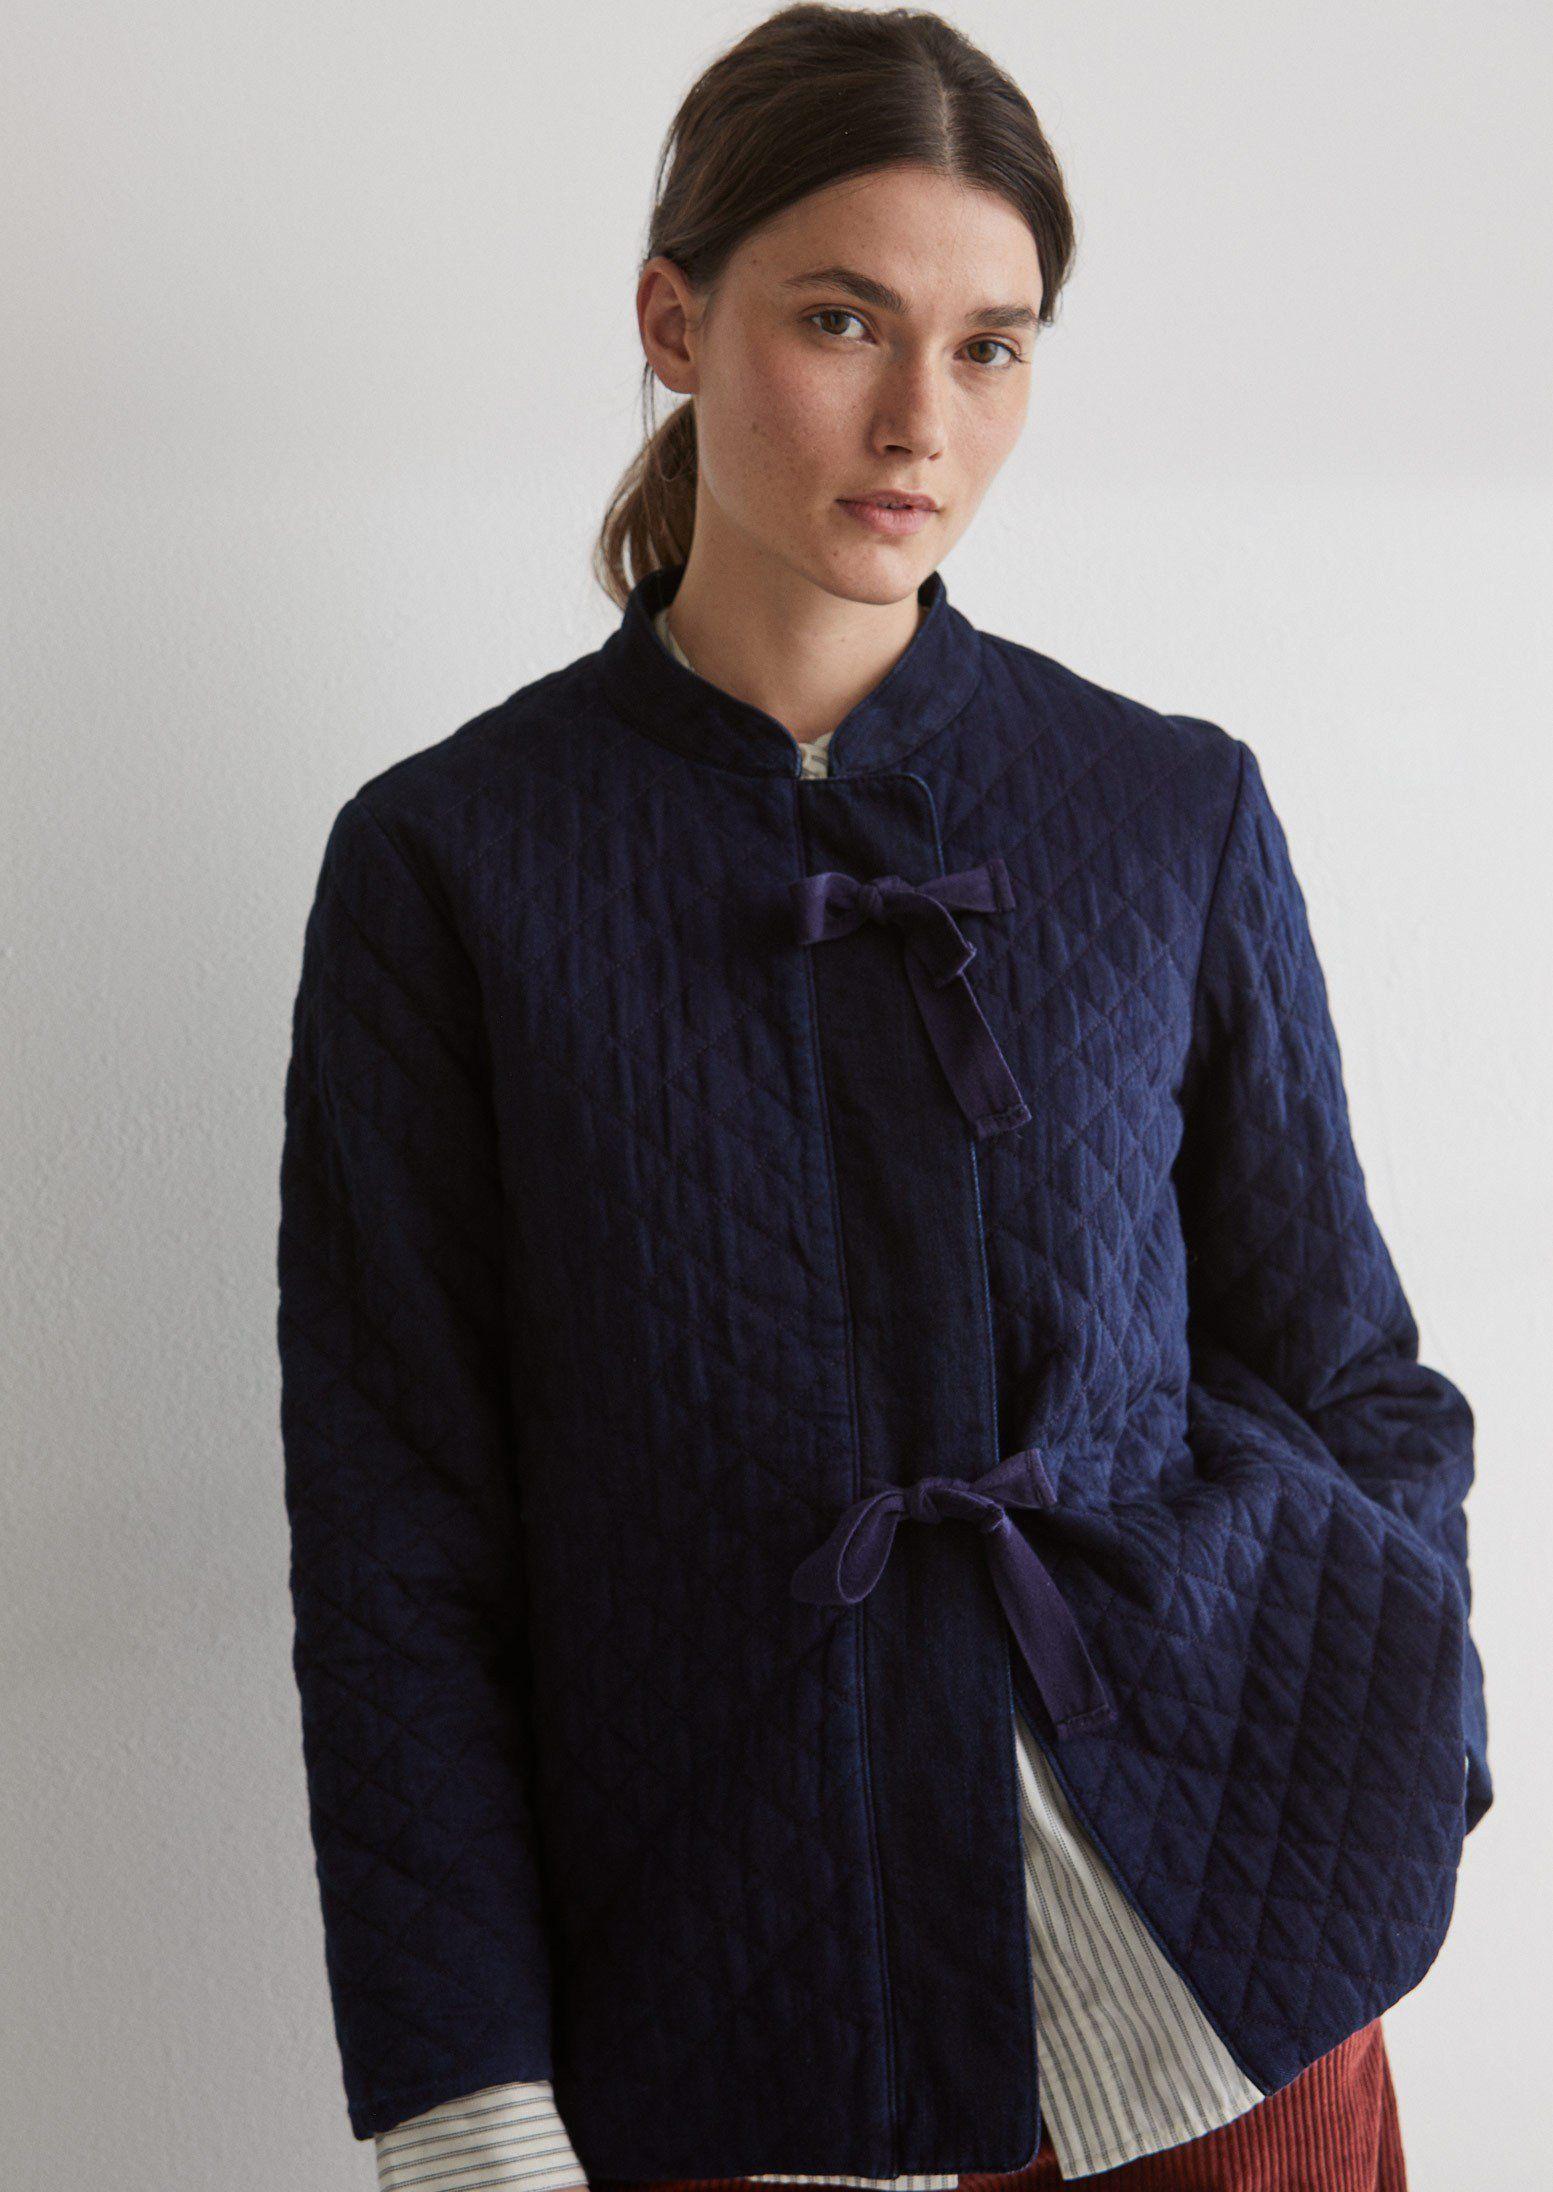 Japanese Quilted Indigo Cotton Jacket Toast Womens Quilted Jacket Coats Jackets Women Cotton Twill Jacket